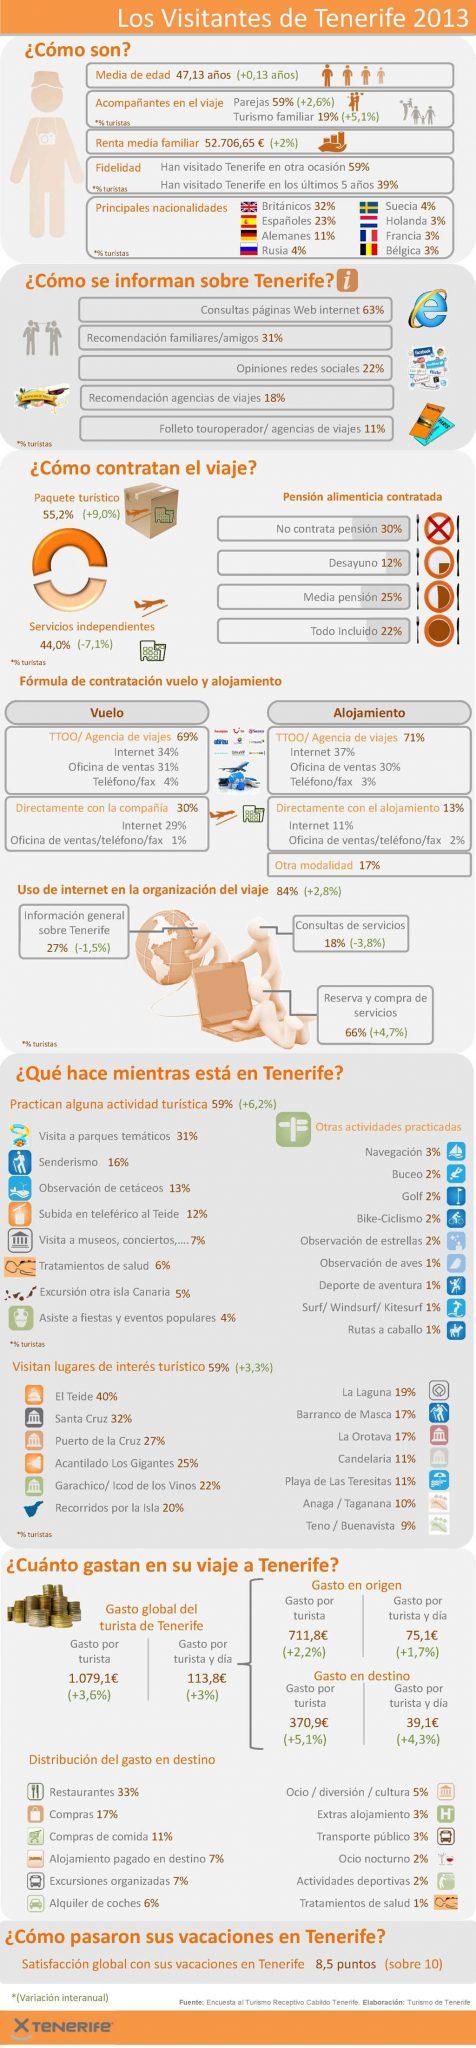 Los Visitantes de Tenerife infografía